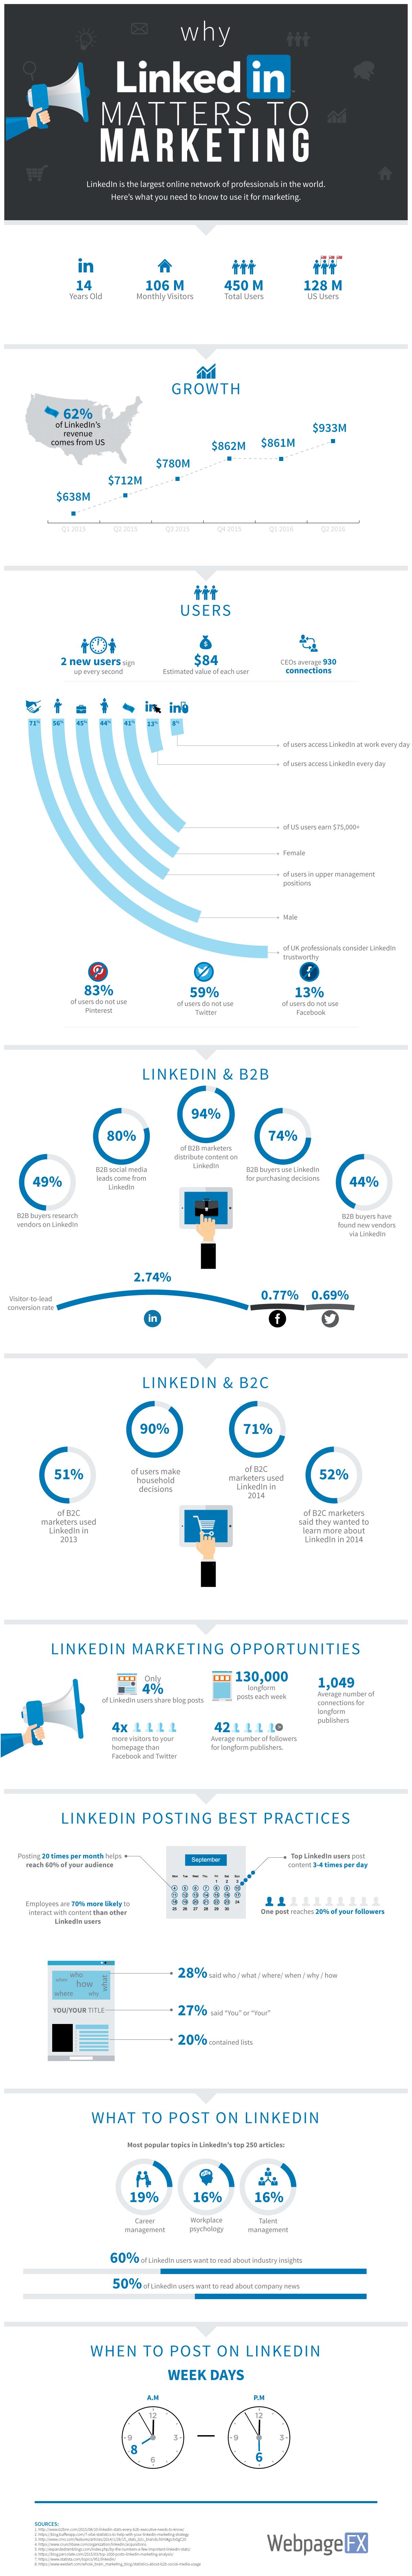 LinkedIn: una herramienta imprescindible en Marketing #infografia #socialmedia #marketing